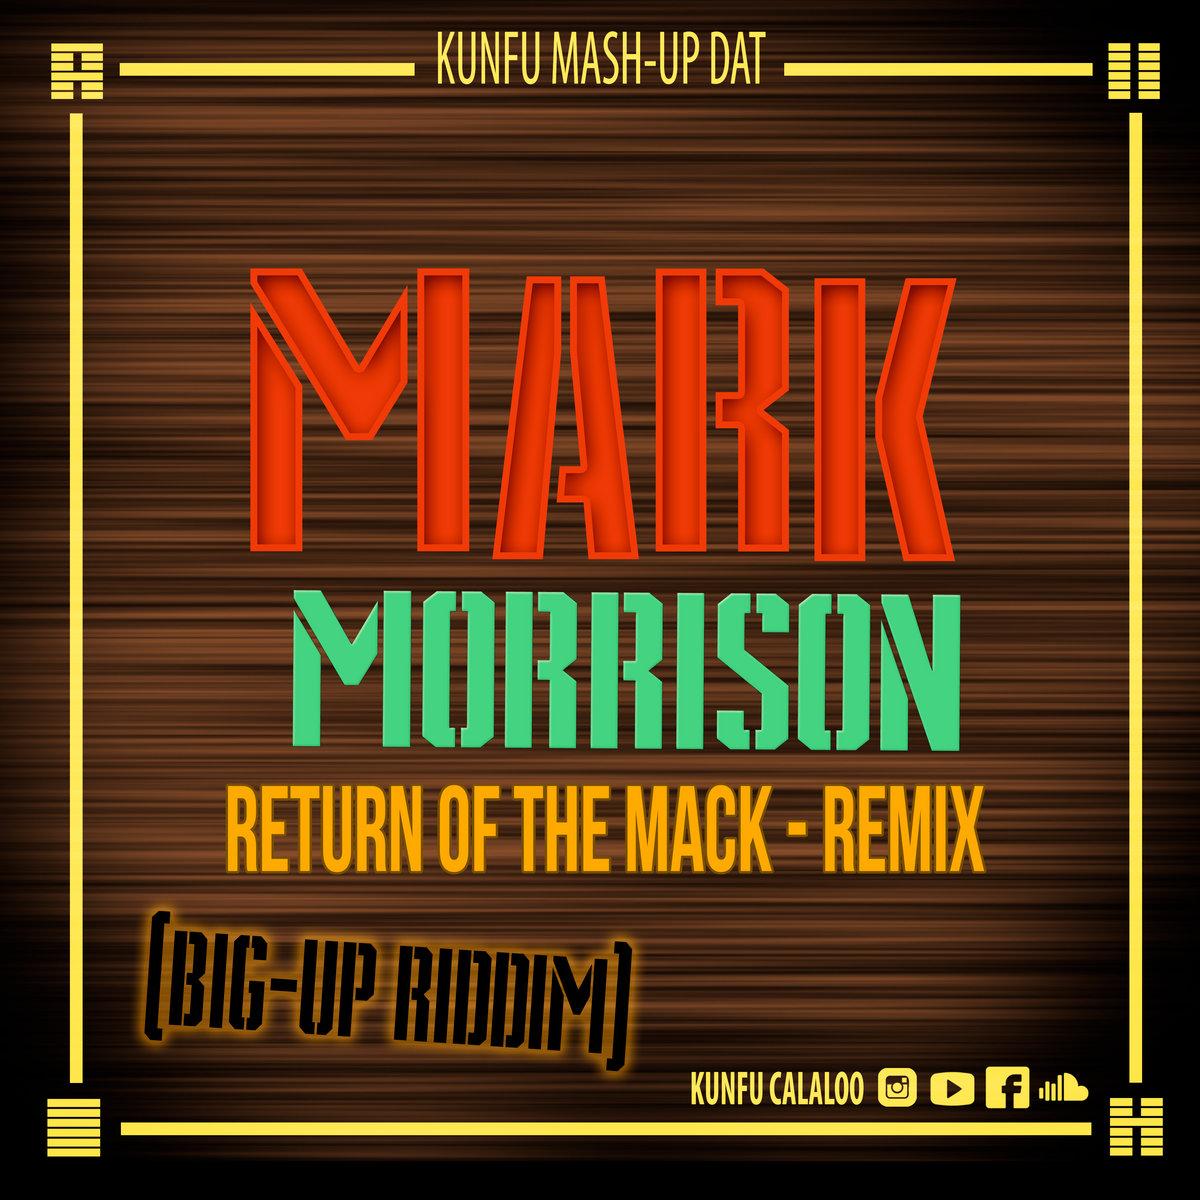 morrison return of the mack mp3 download